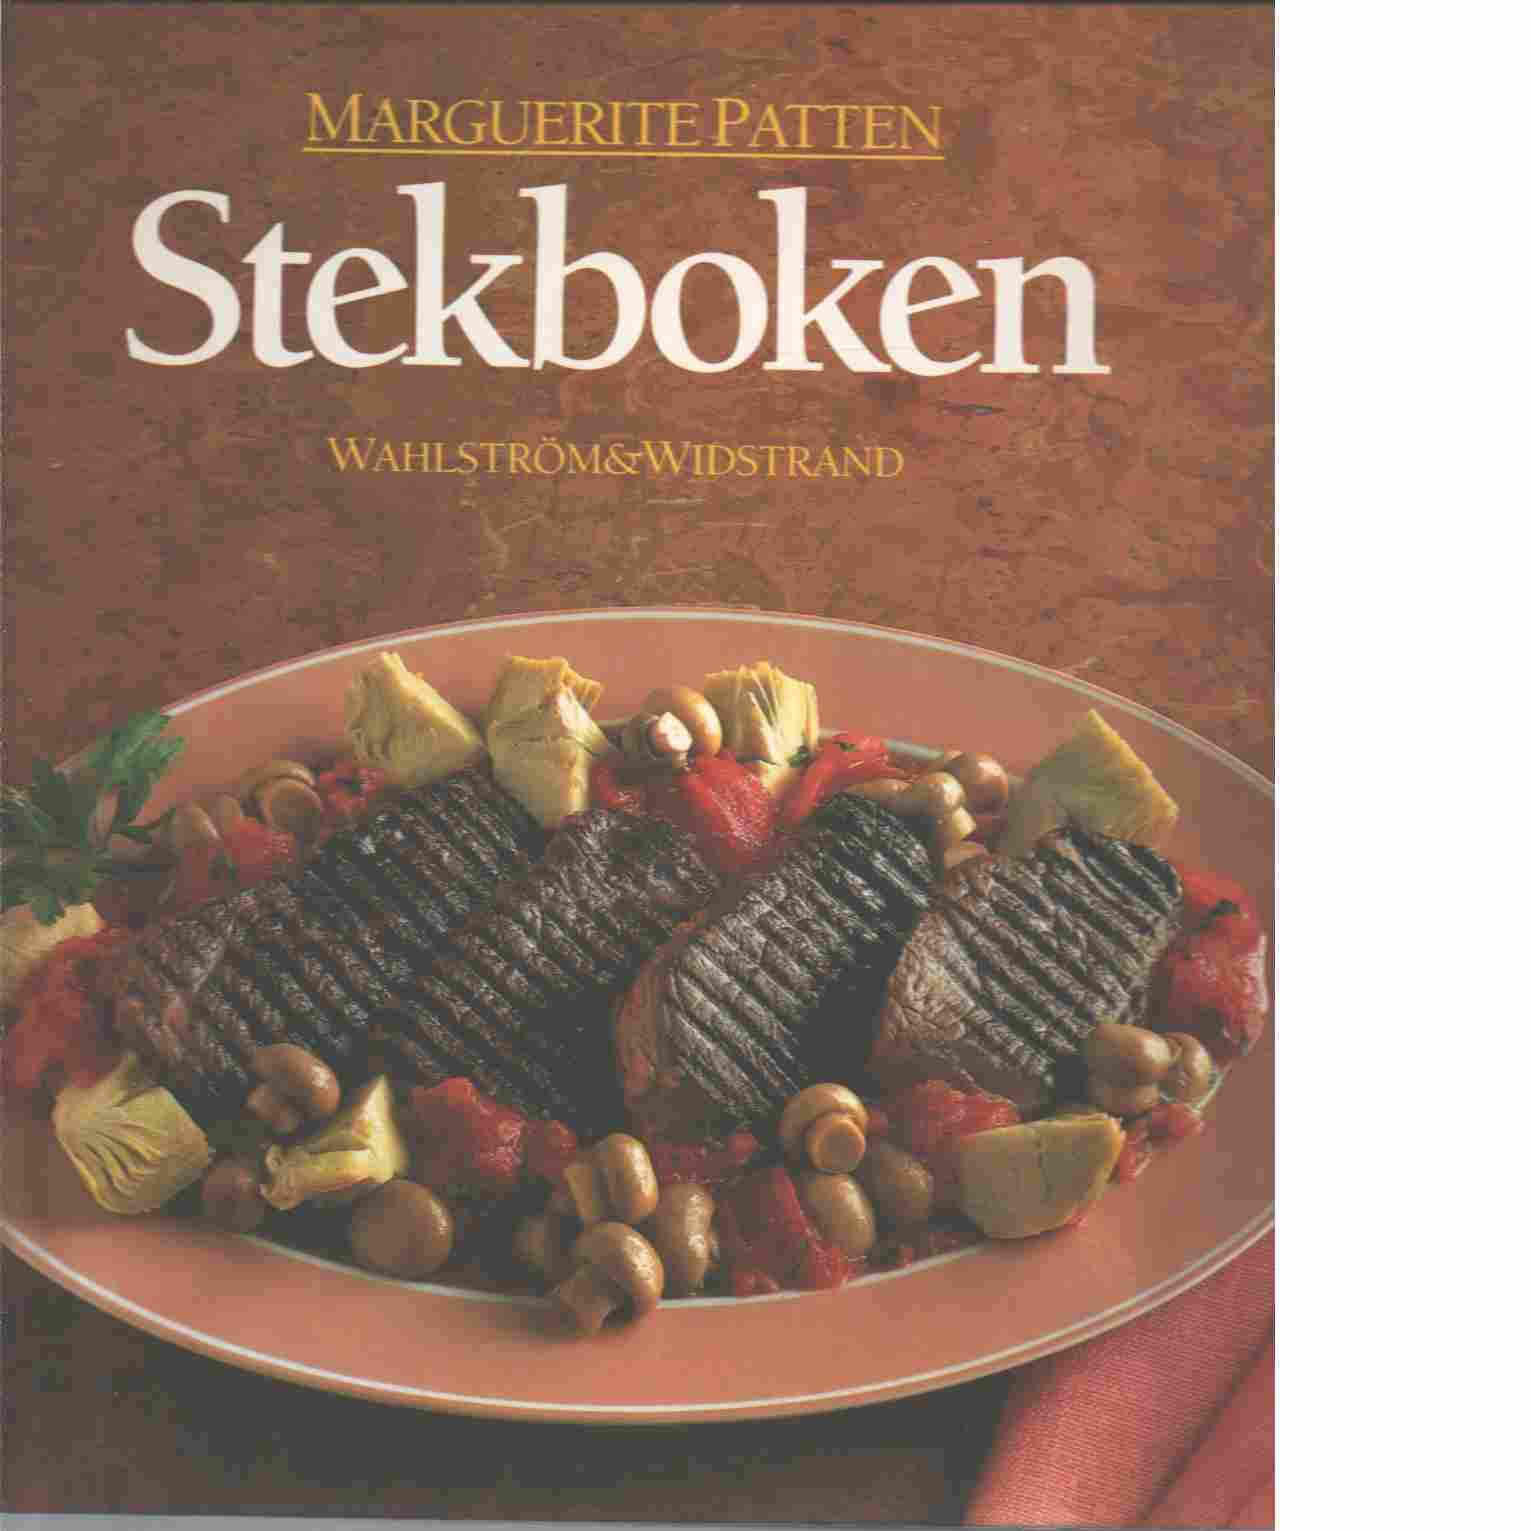 Stekboken - Patten, Marguerite